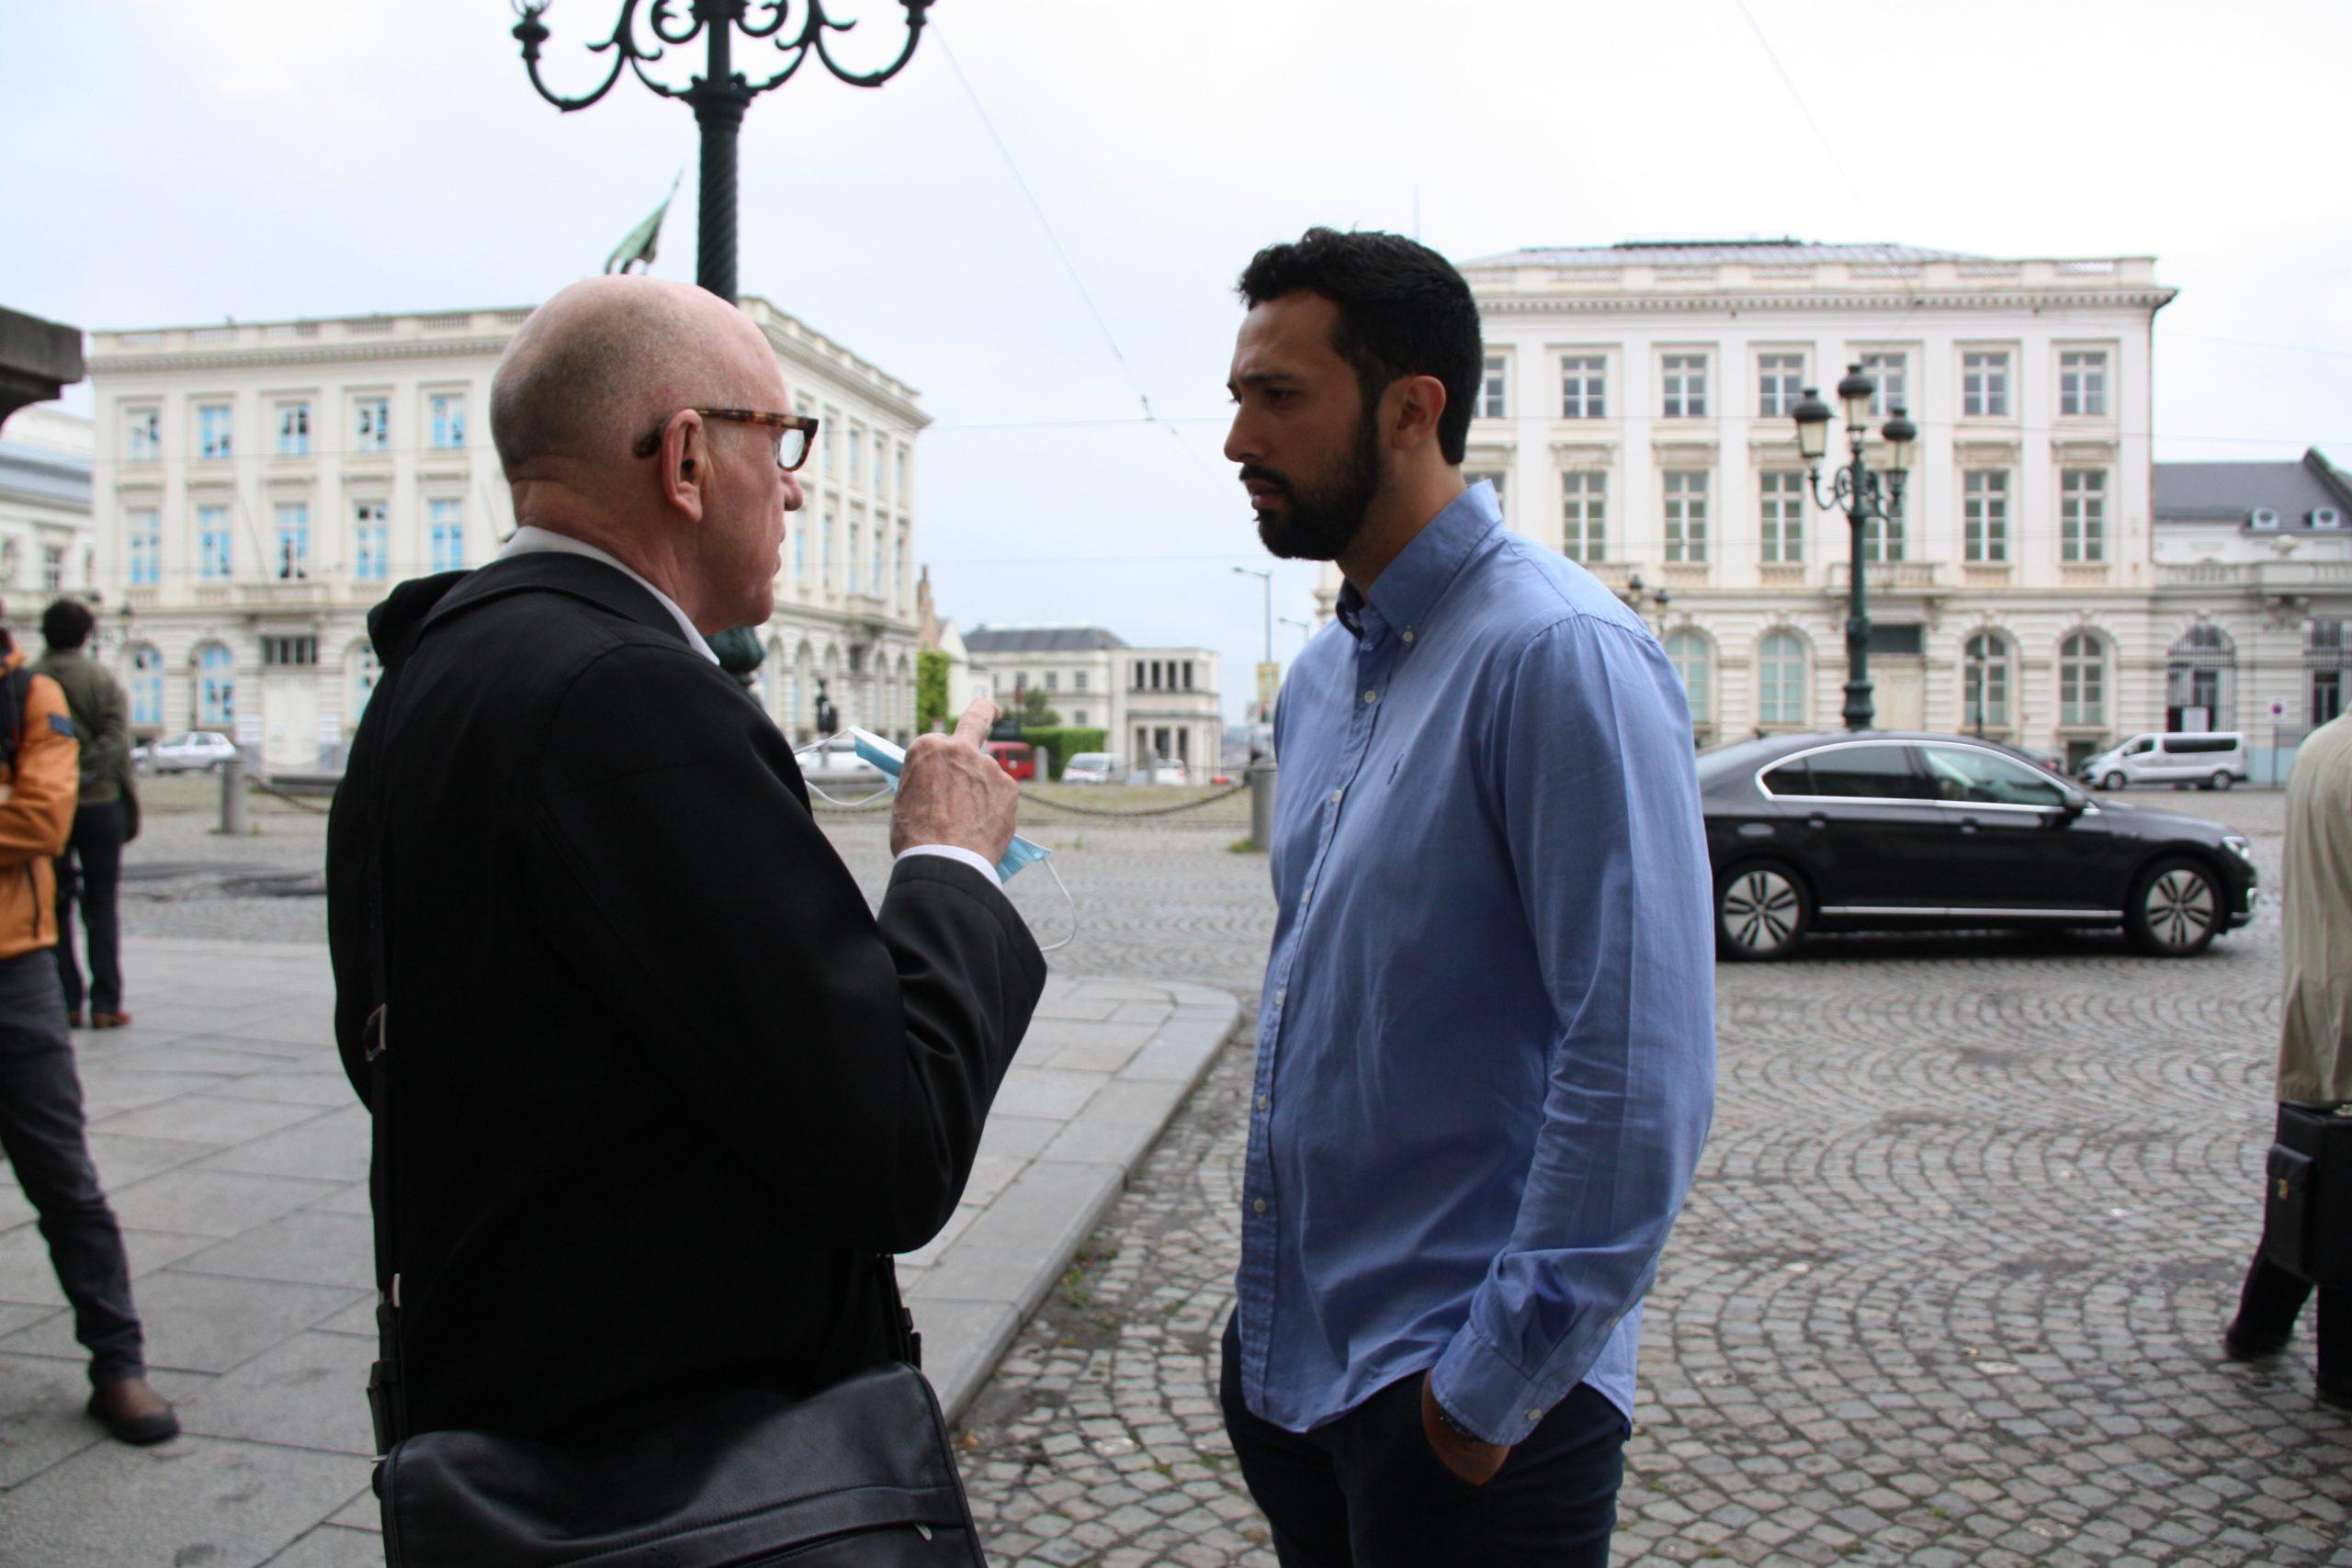 Valtònyc i el seu advocat, Paul Bekaert, abans d'entrar a la vista judicial / ACN